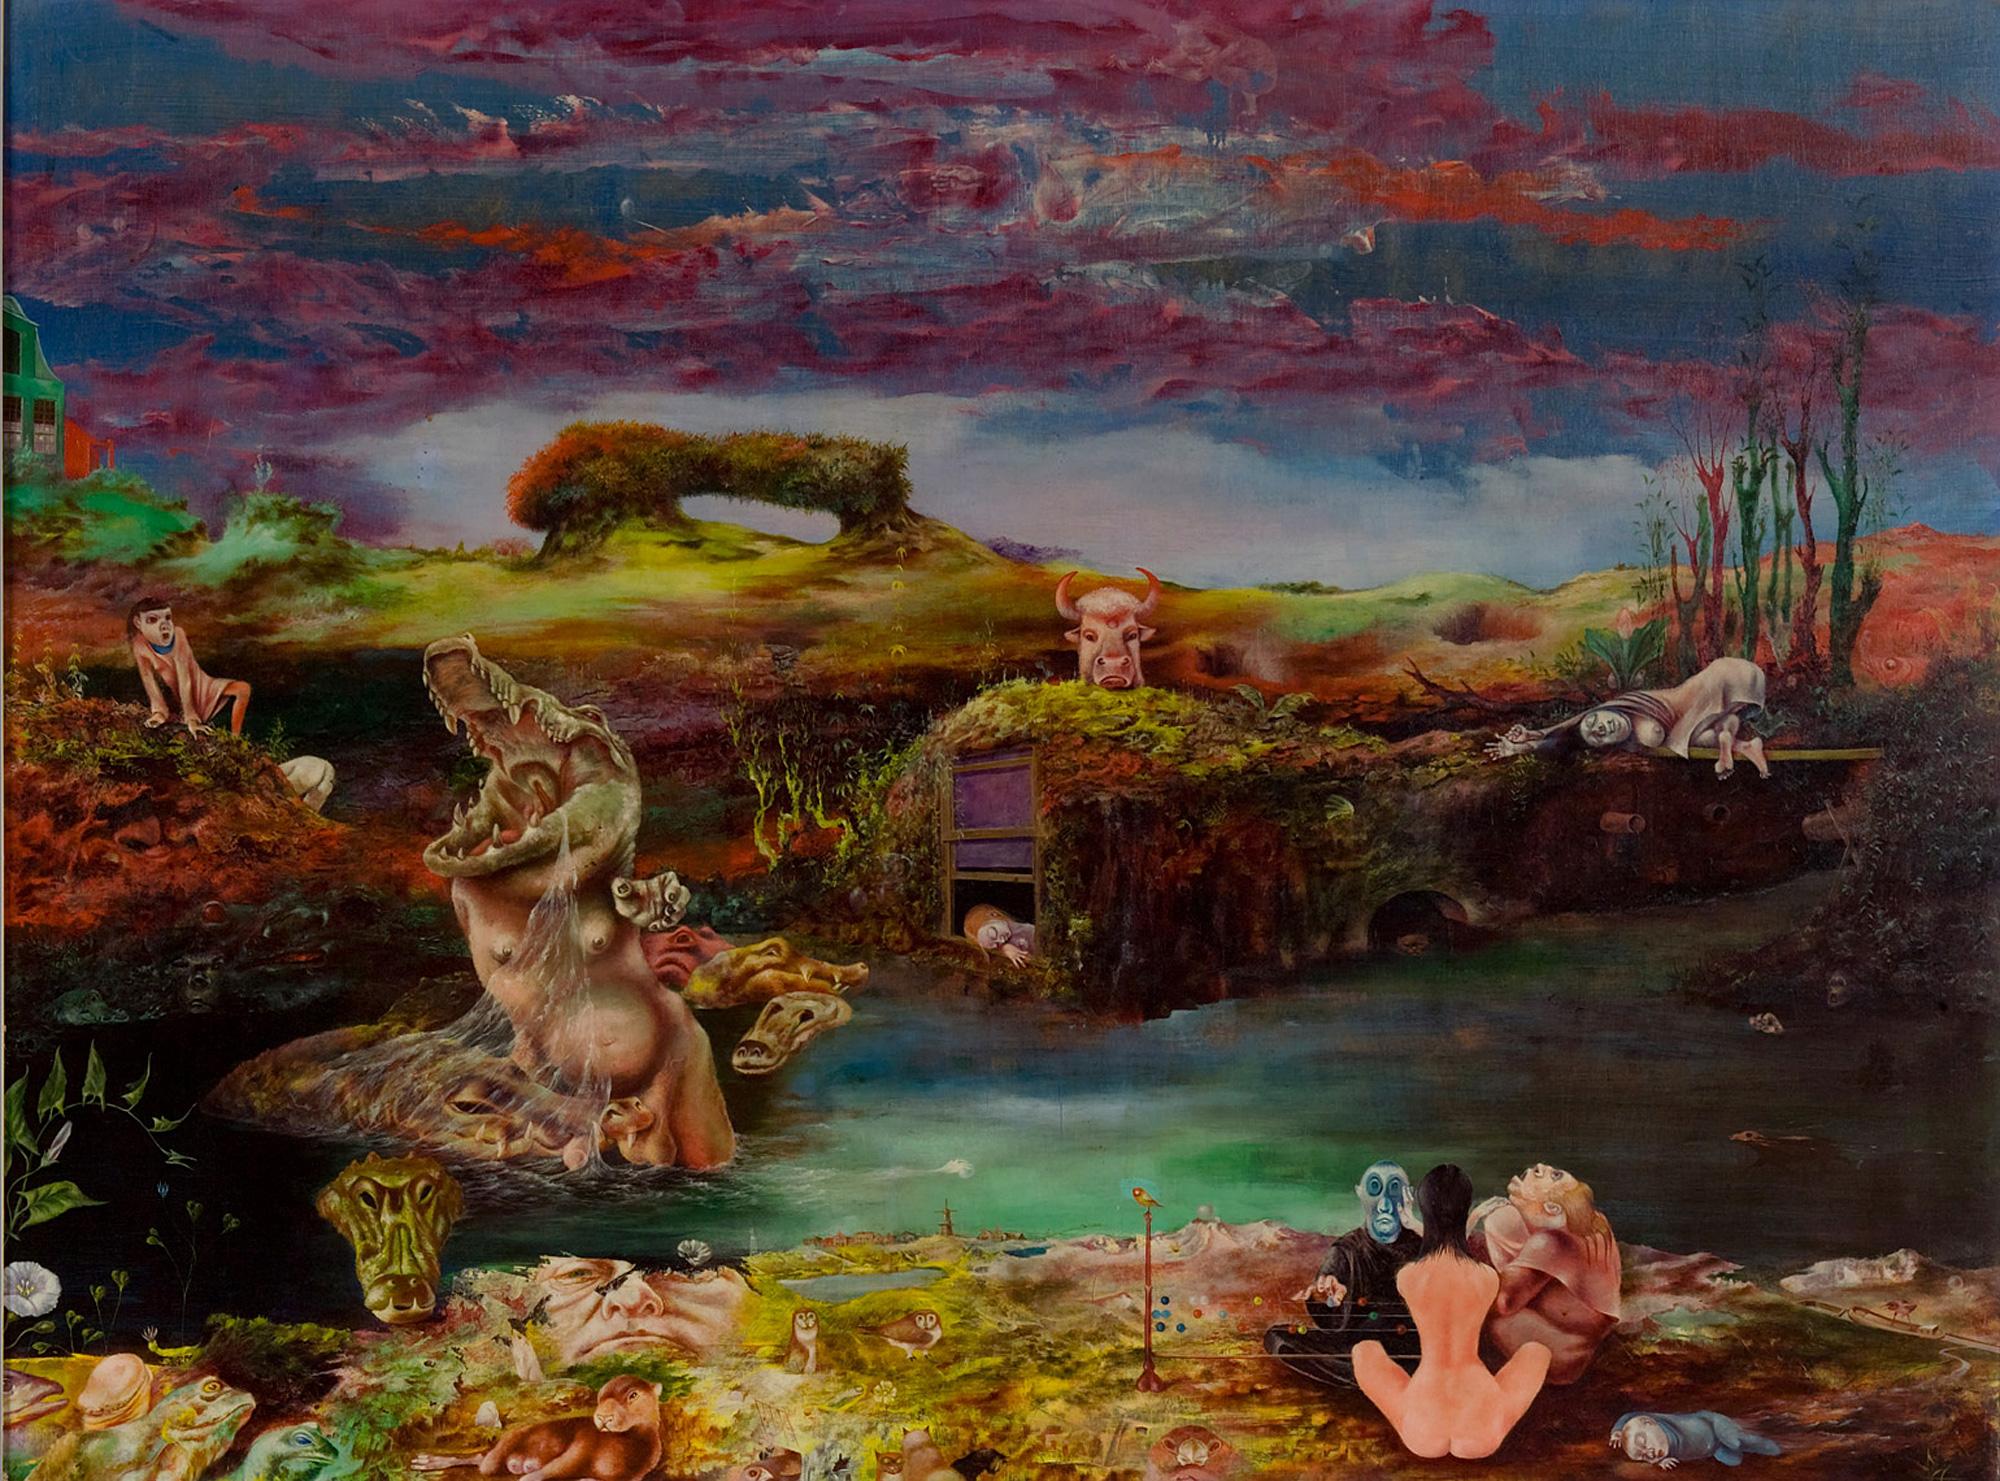 Melle schilder | Krokodillengevecht, olieverf op paneel